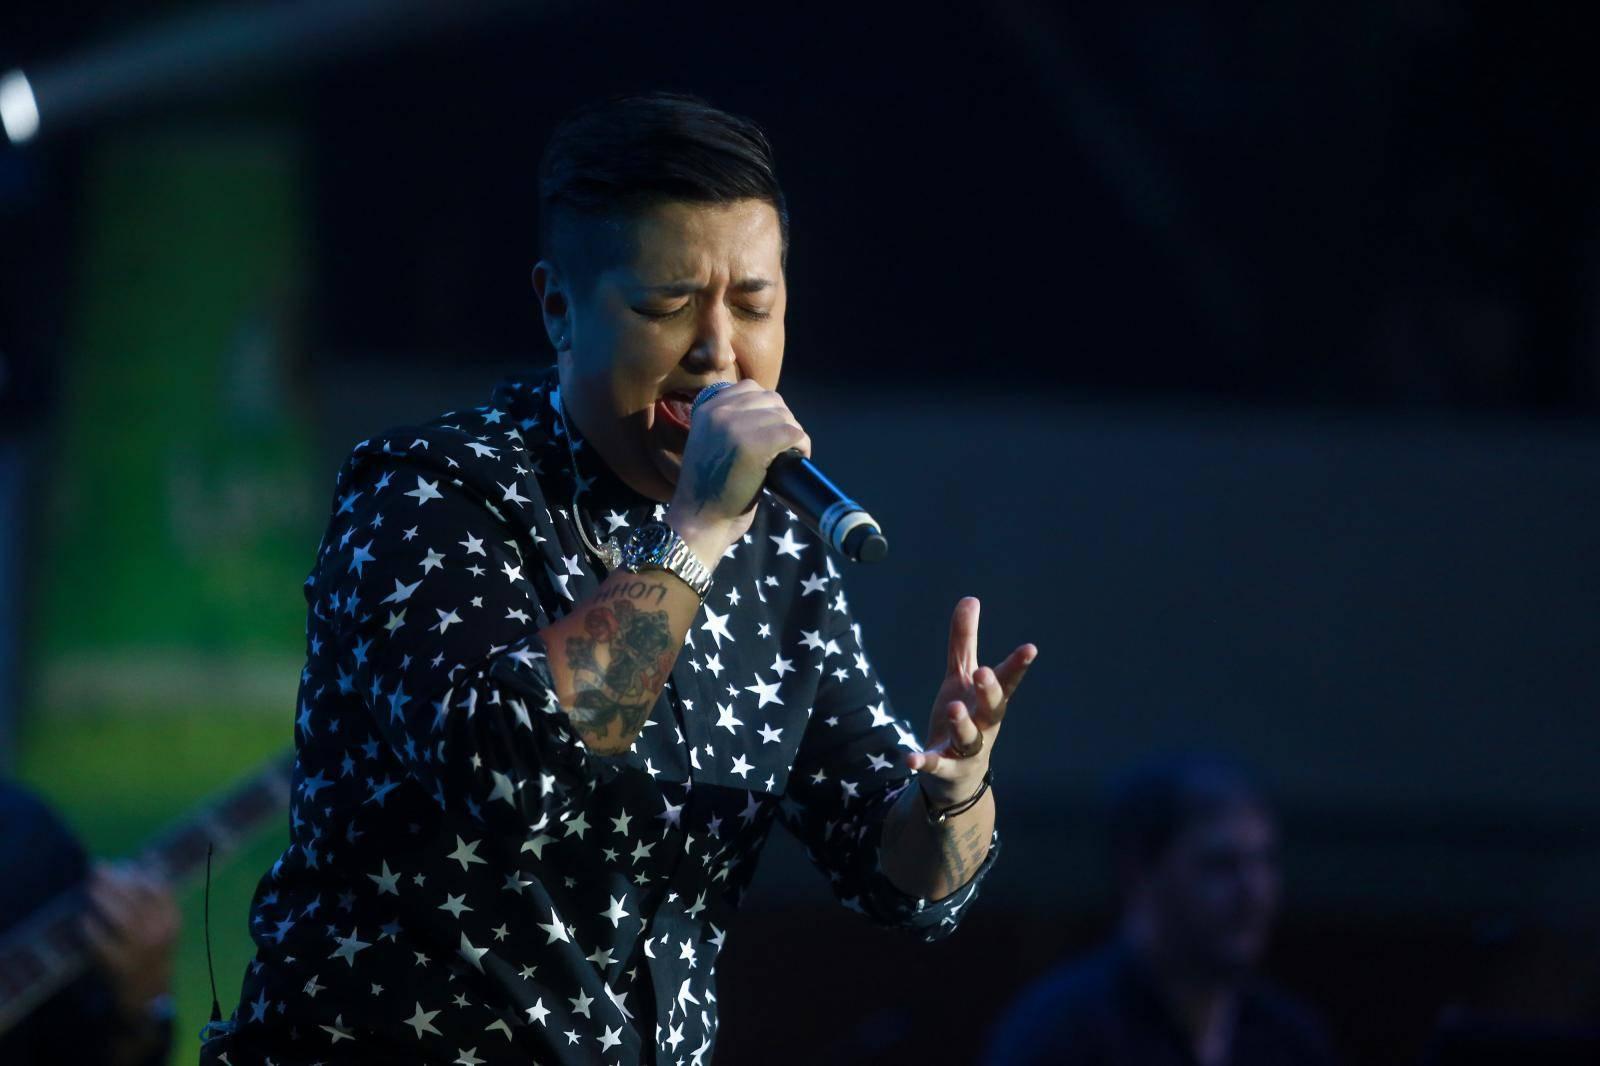 Roko Blažević je na Marijinom koncertu pjevao pjesmu 'Heroj'